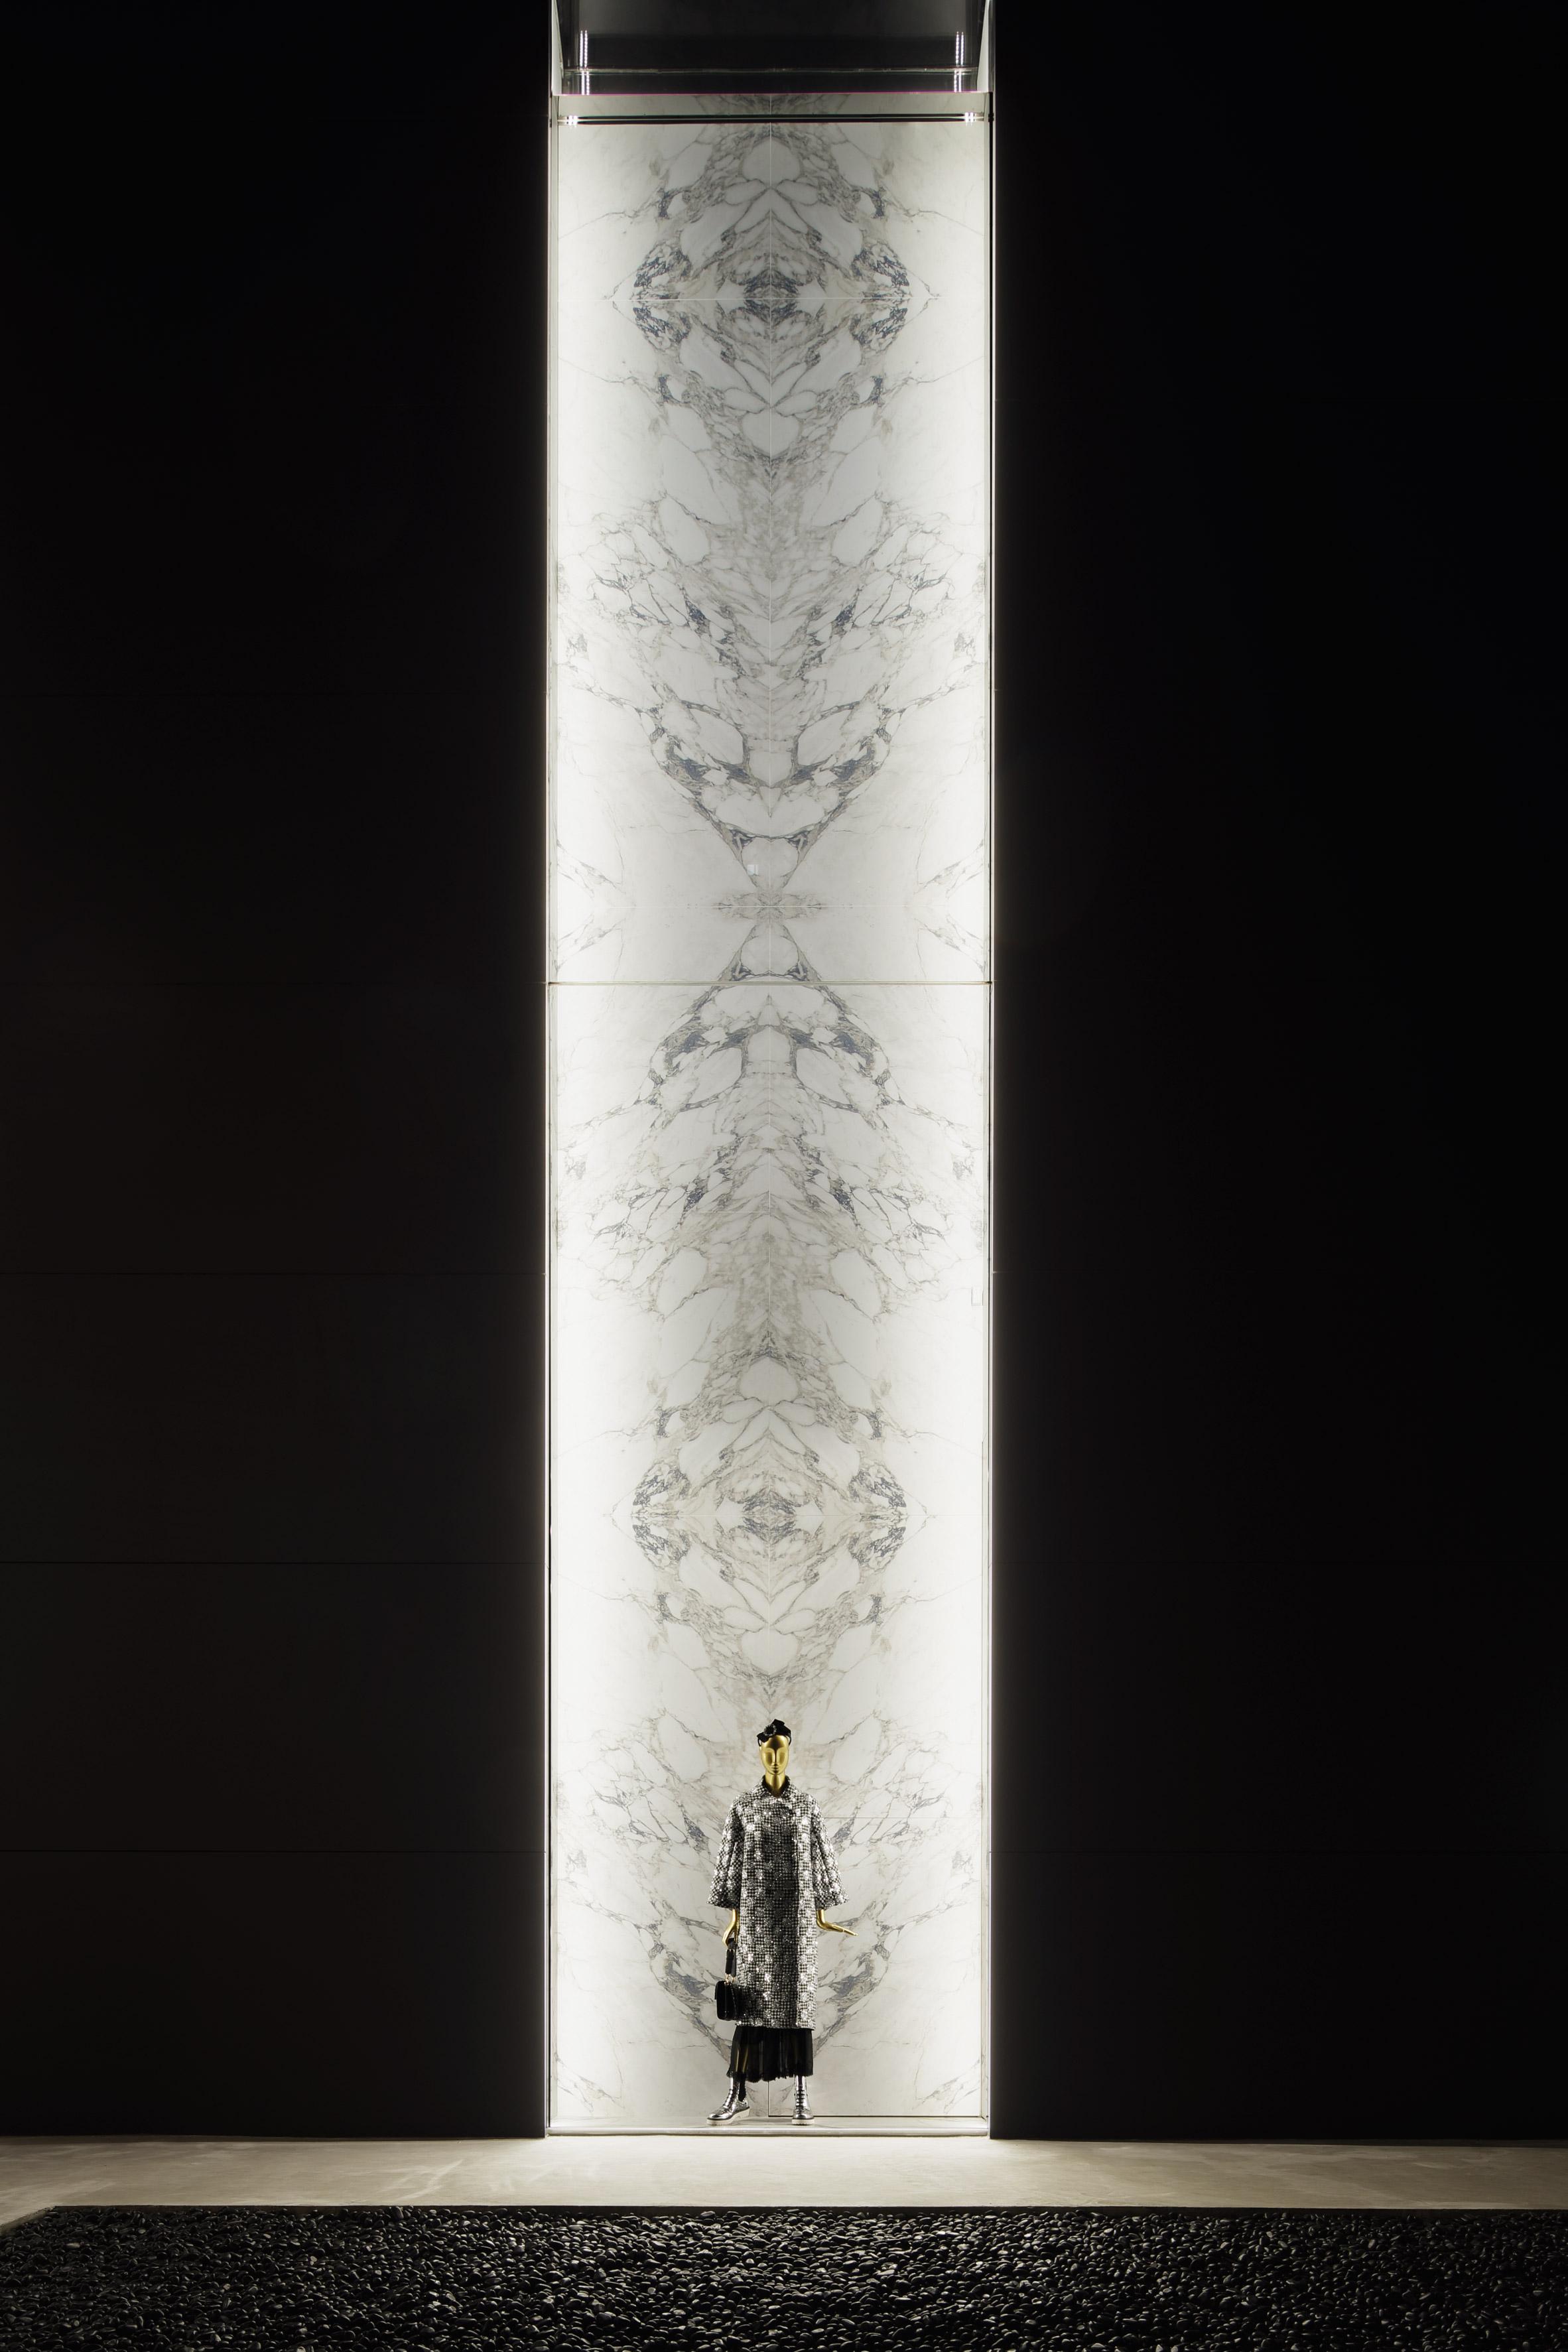 architecture_dolceandgabbana_tokyo_design_studia_interiors_osnovadesign_osnova_poltava_01